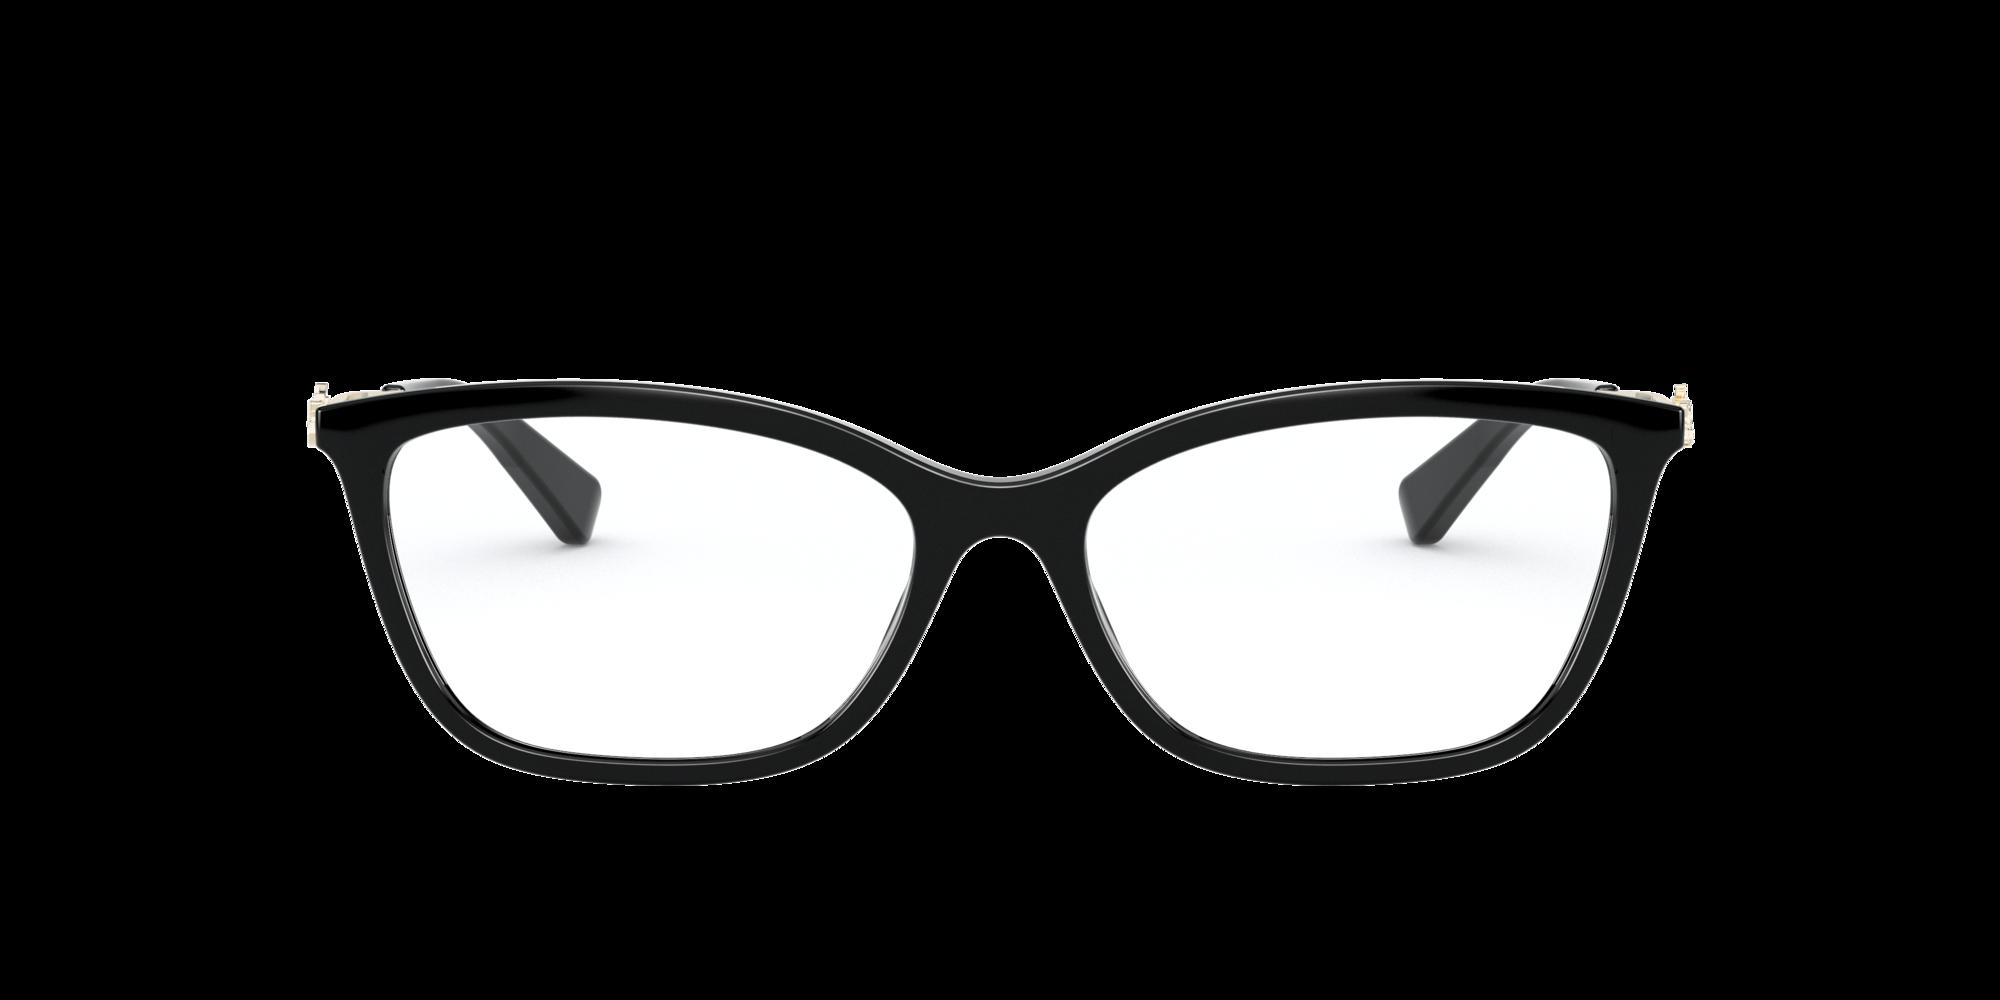 Imagen para HC6146U de LensCrafters |  Espejuelos, espejuelos graduados en línea, gafas